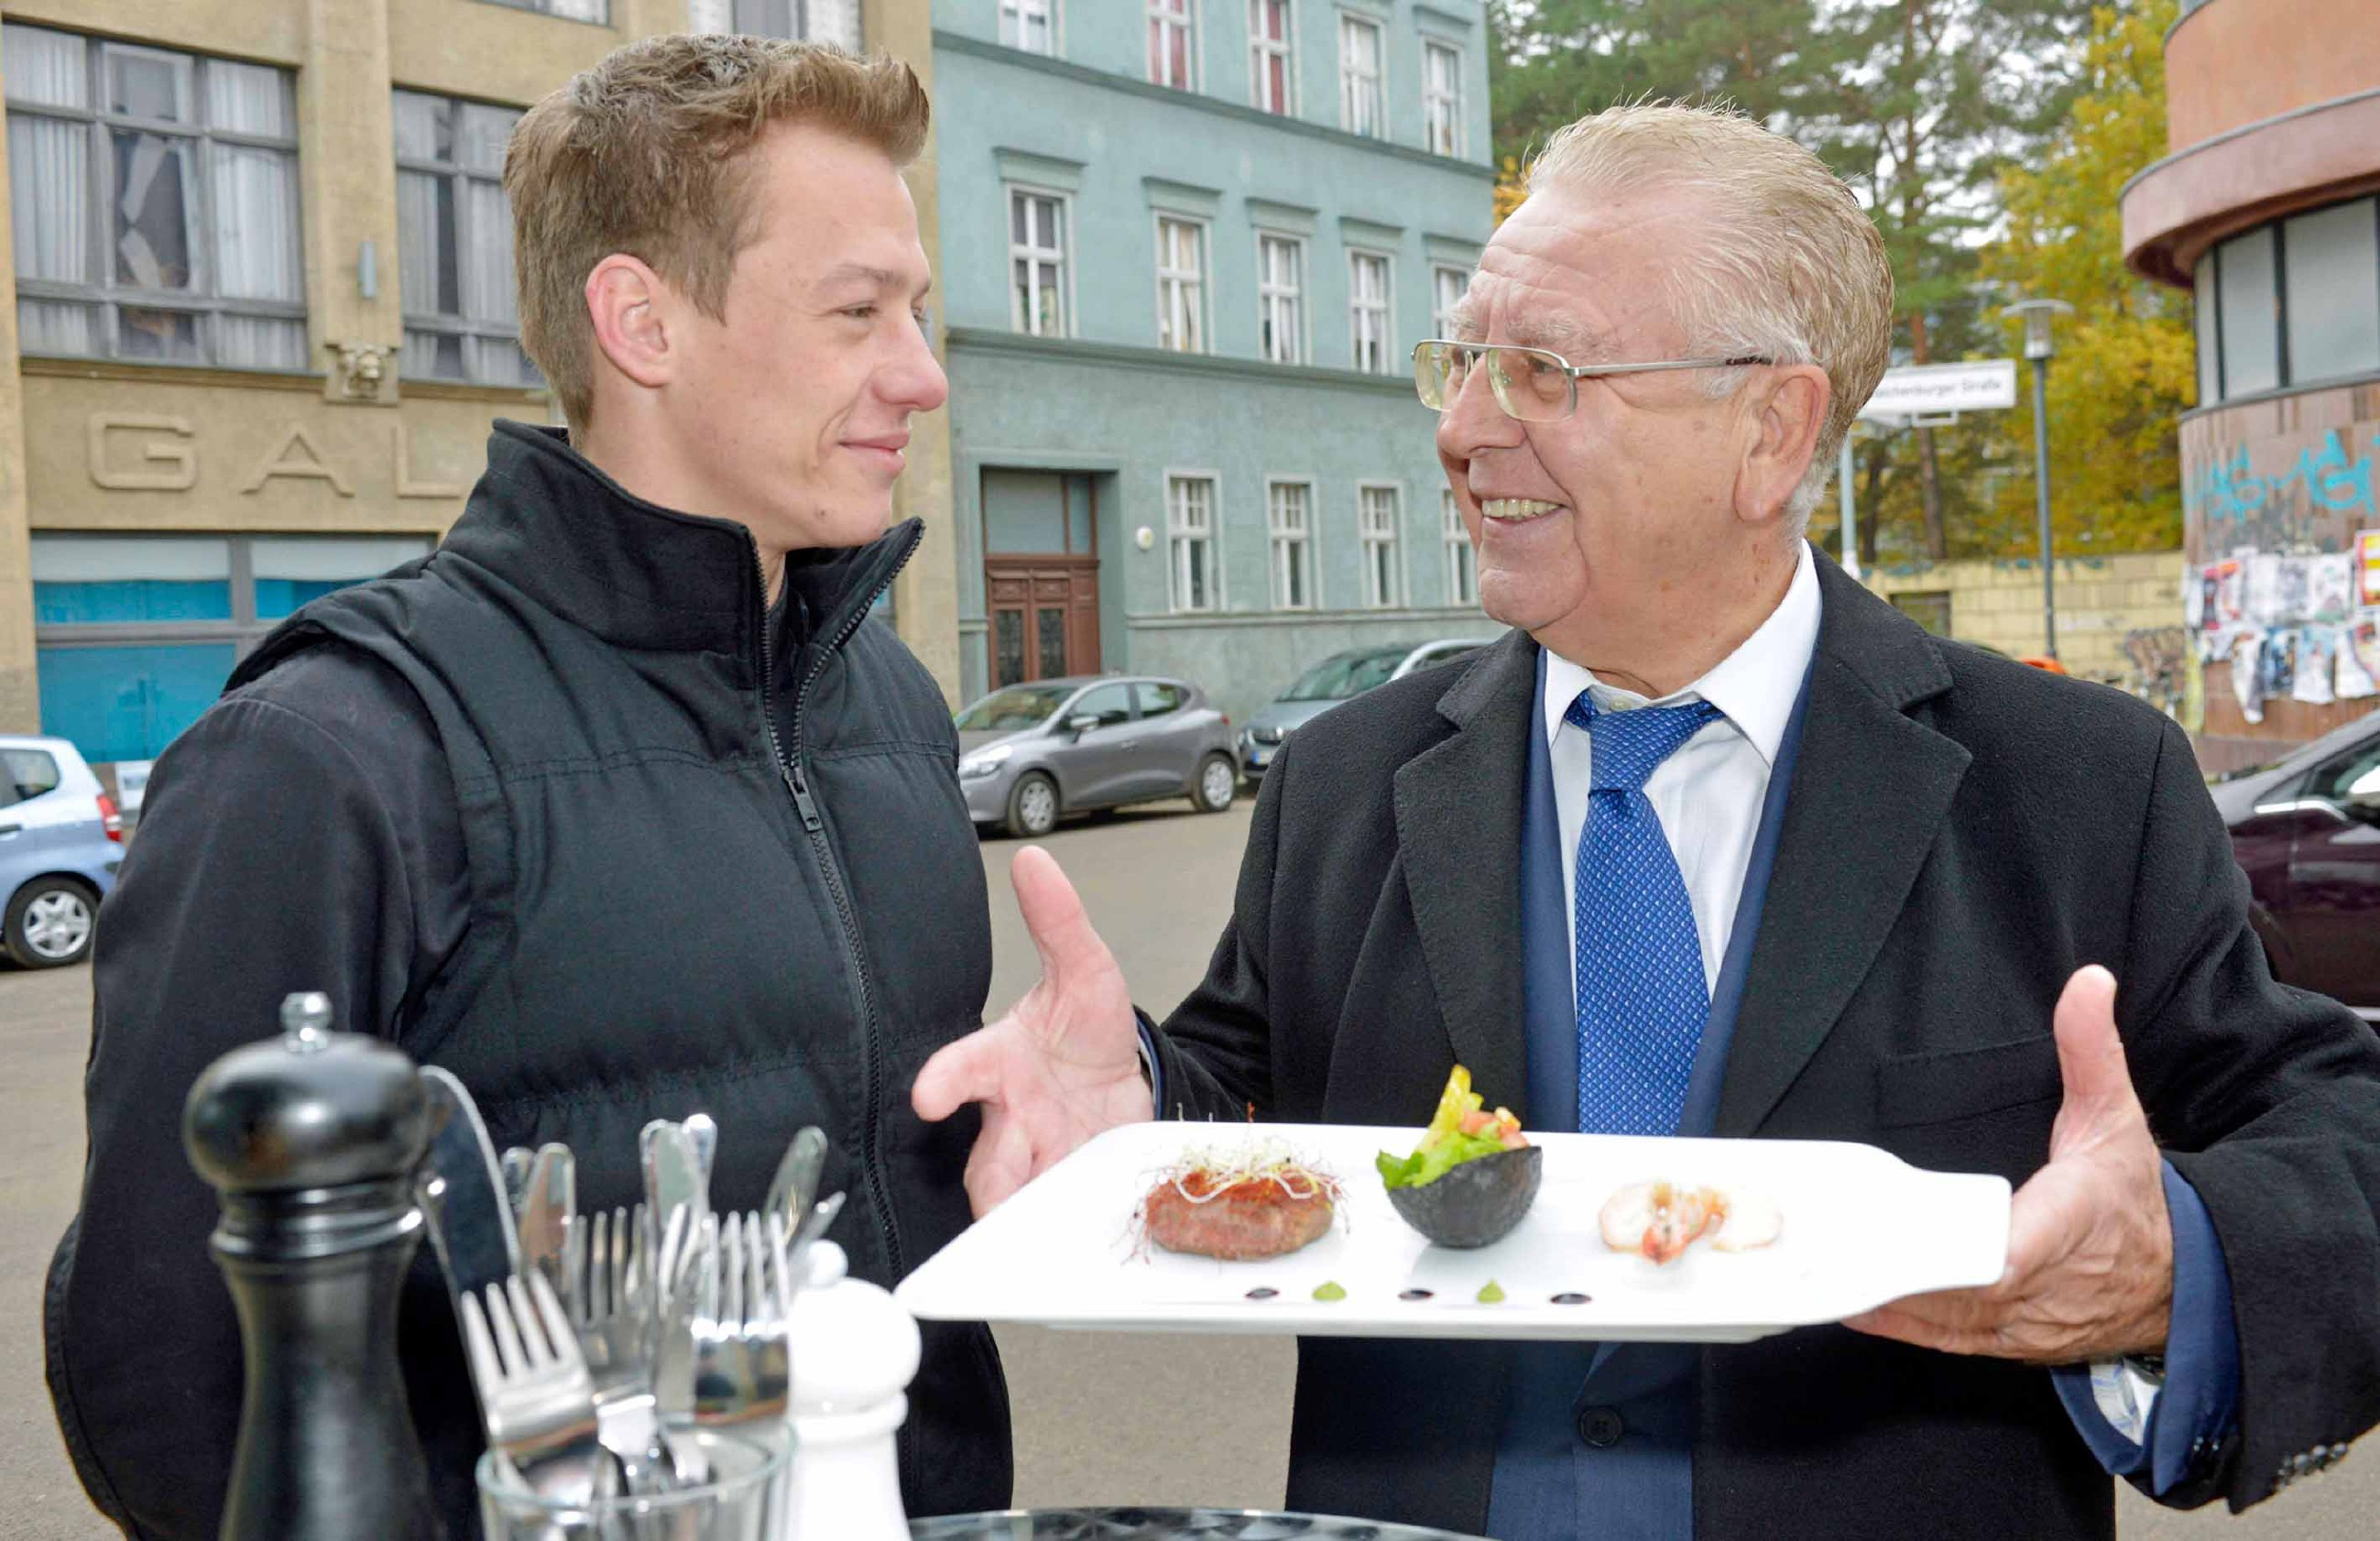 Vince (Vincent Krüger) schafft es, den Gastronomiekritiker Heinz Horrmann (r.) mit seiner mobilen Küche zu beeindrucken.